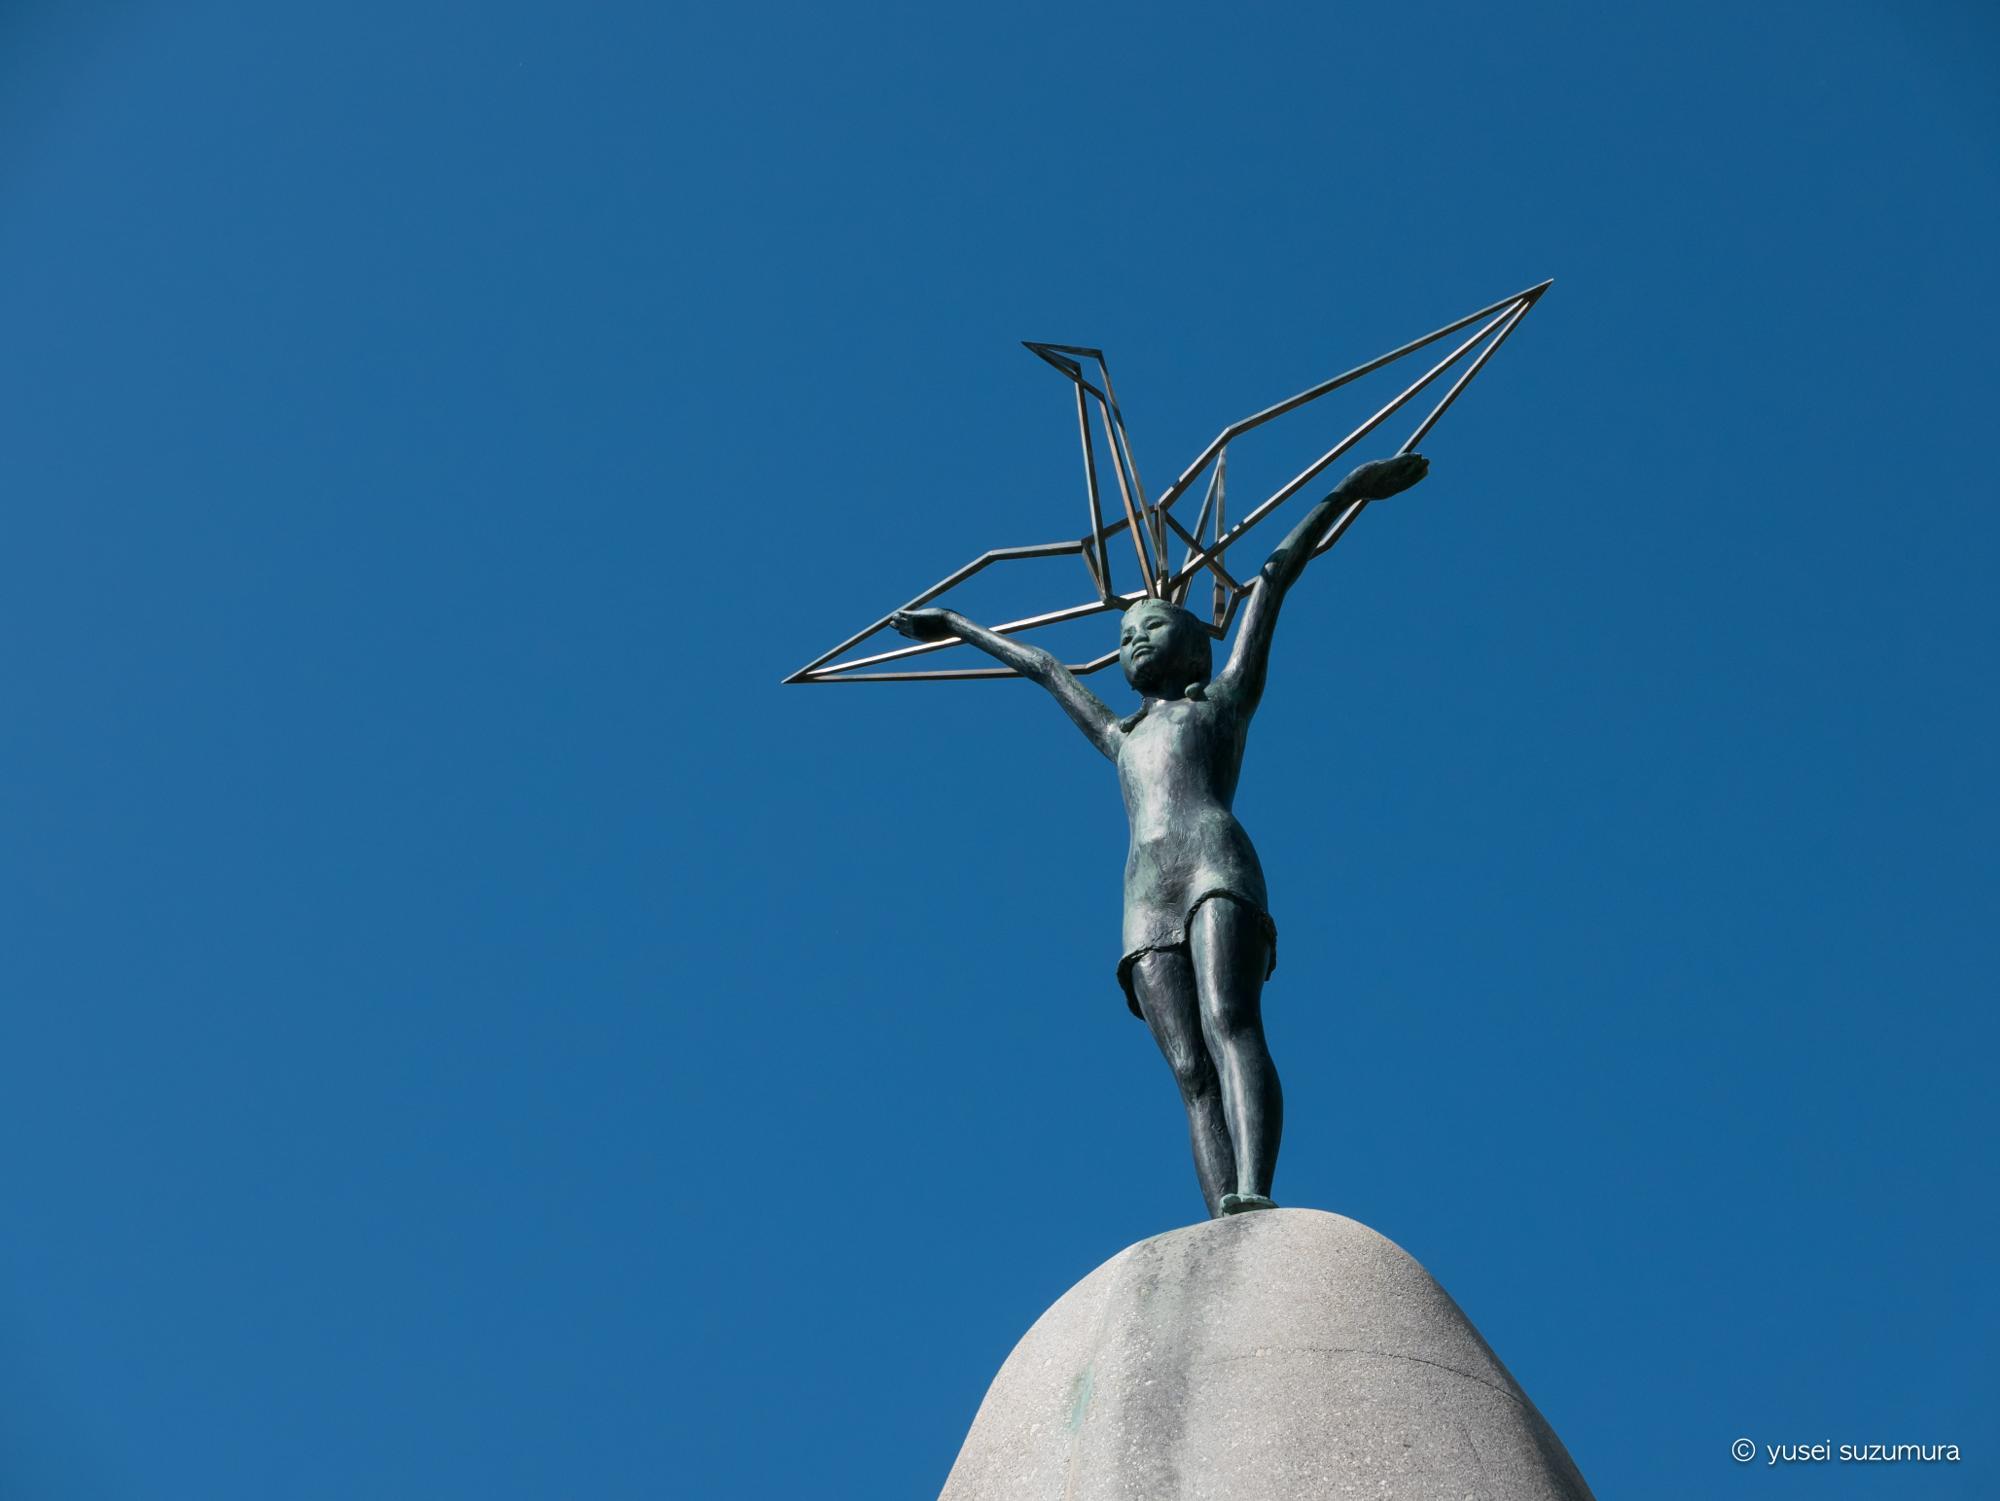 平和記念公園 原爆の子の像